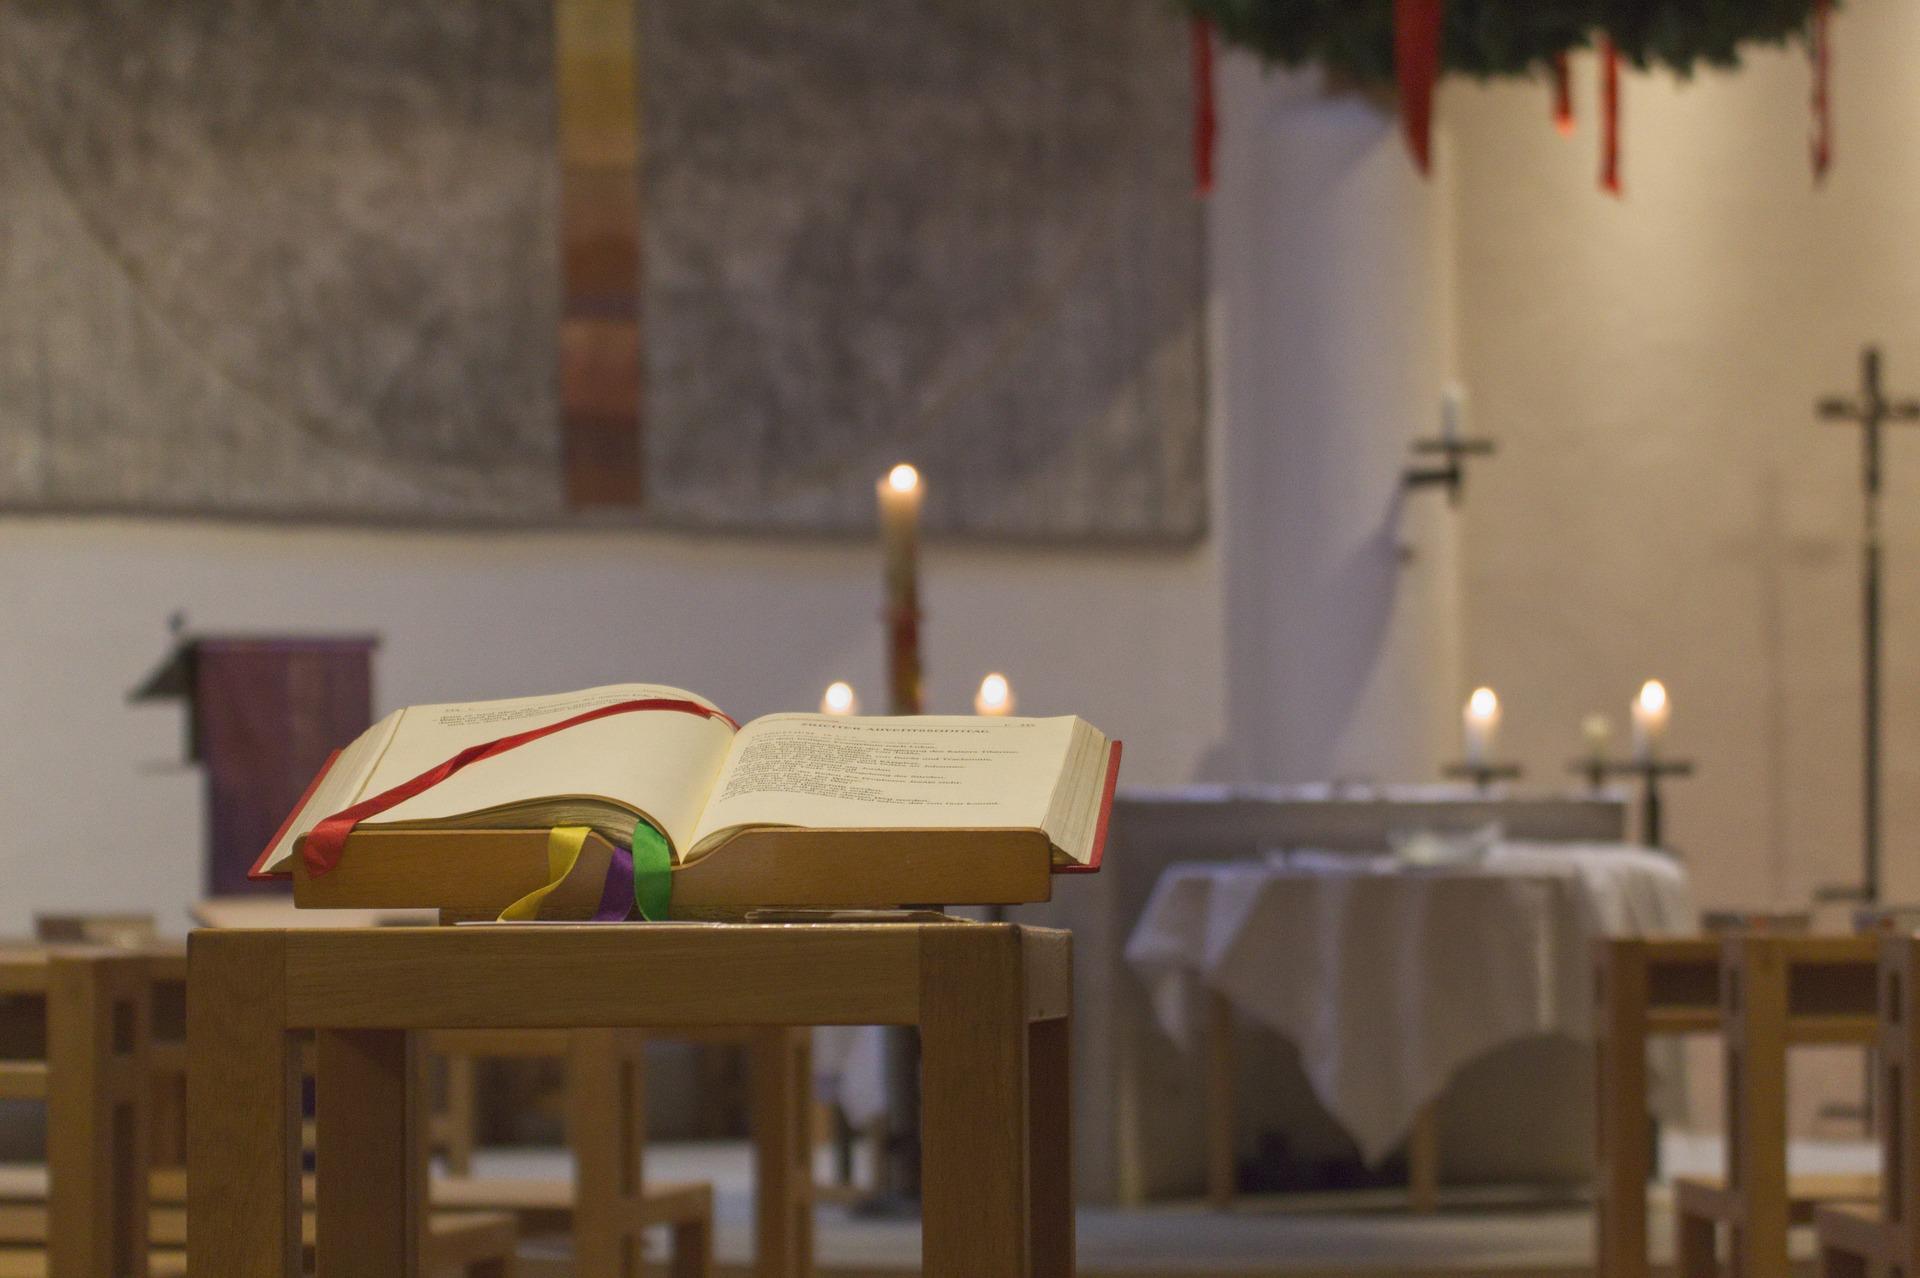 Prädikantenfortbildungsreihe - Taufe zwischen Amtshandlung und Sakrament